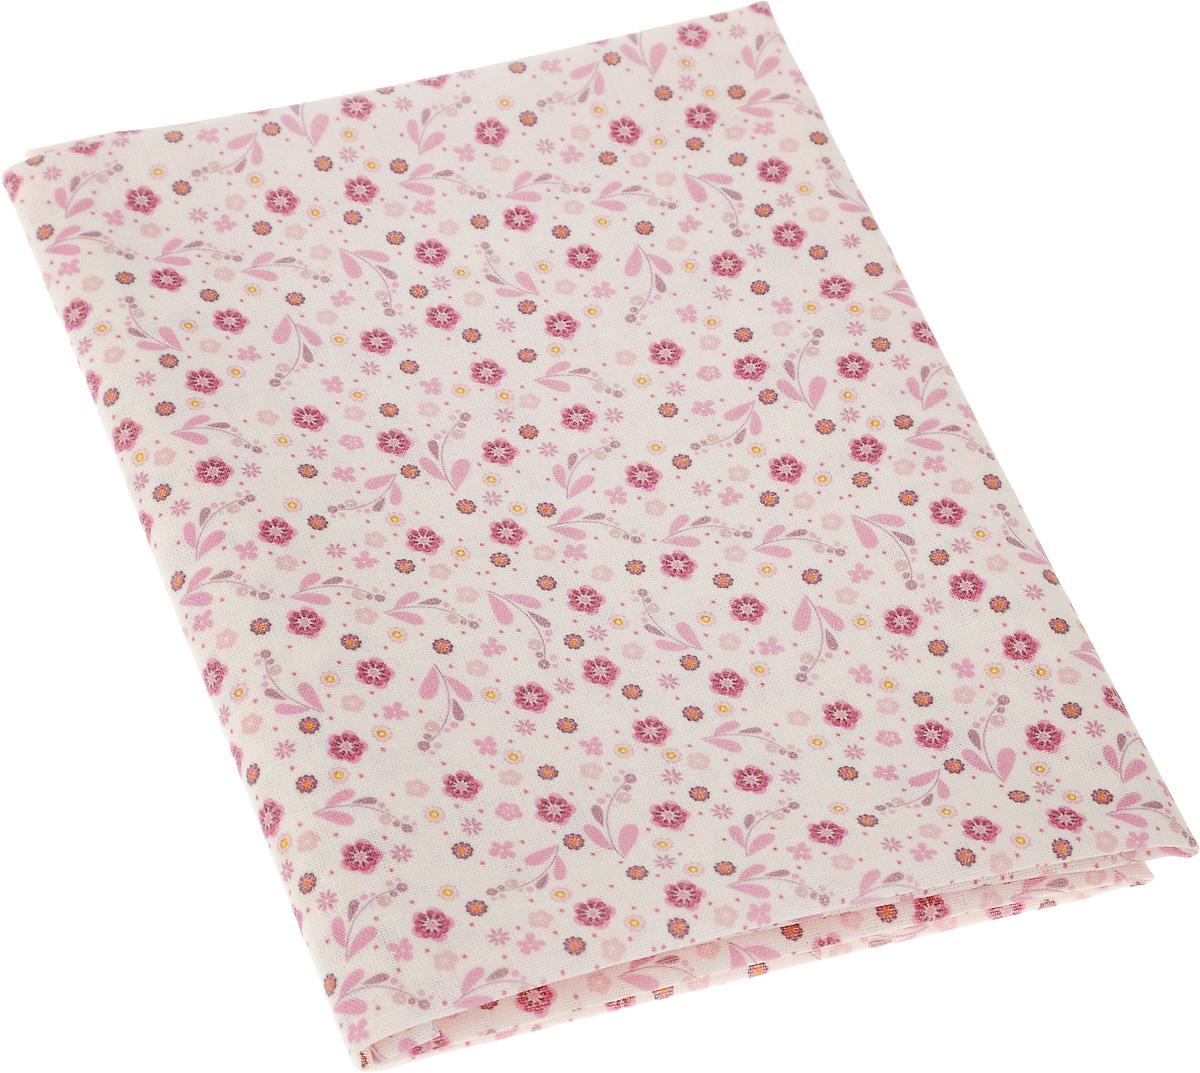 Ткань для пэчворка Артмикс Печворк, цвет: молочный, розовый, 48 x 50 см09840-20.000.00Ткань Артмикс Печворк, изготовленная из 100% хлопка, предназначена для пошива одеял, покрывал, сумок, аппликаций и прочих изделий в технике пэчворк. Также подходит для пошива кукол, аксессуаров и одежды.Пэчворк - это вид рукоделия, при котором по принципу мозаики сшивается цельное изделие из кусочков ткани (лоскутков). Плотность ткани: 120 г/м2.УВАЖАЕМЫЕ КЛИЕНТЫ!Обращаем ваше внимание, на тот факт, что размер отреза может отличаться на 1-2 см.